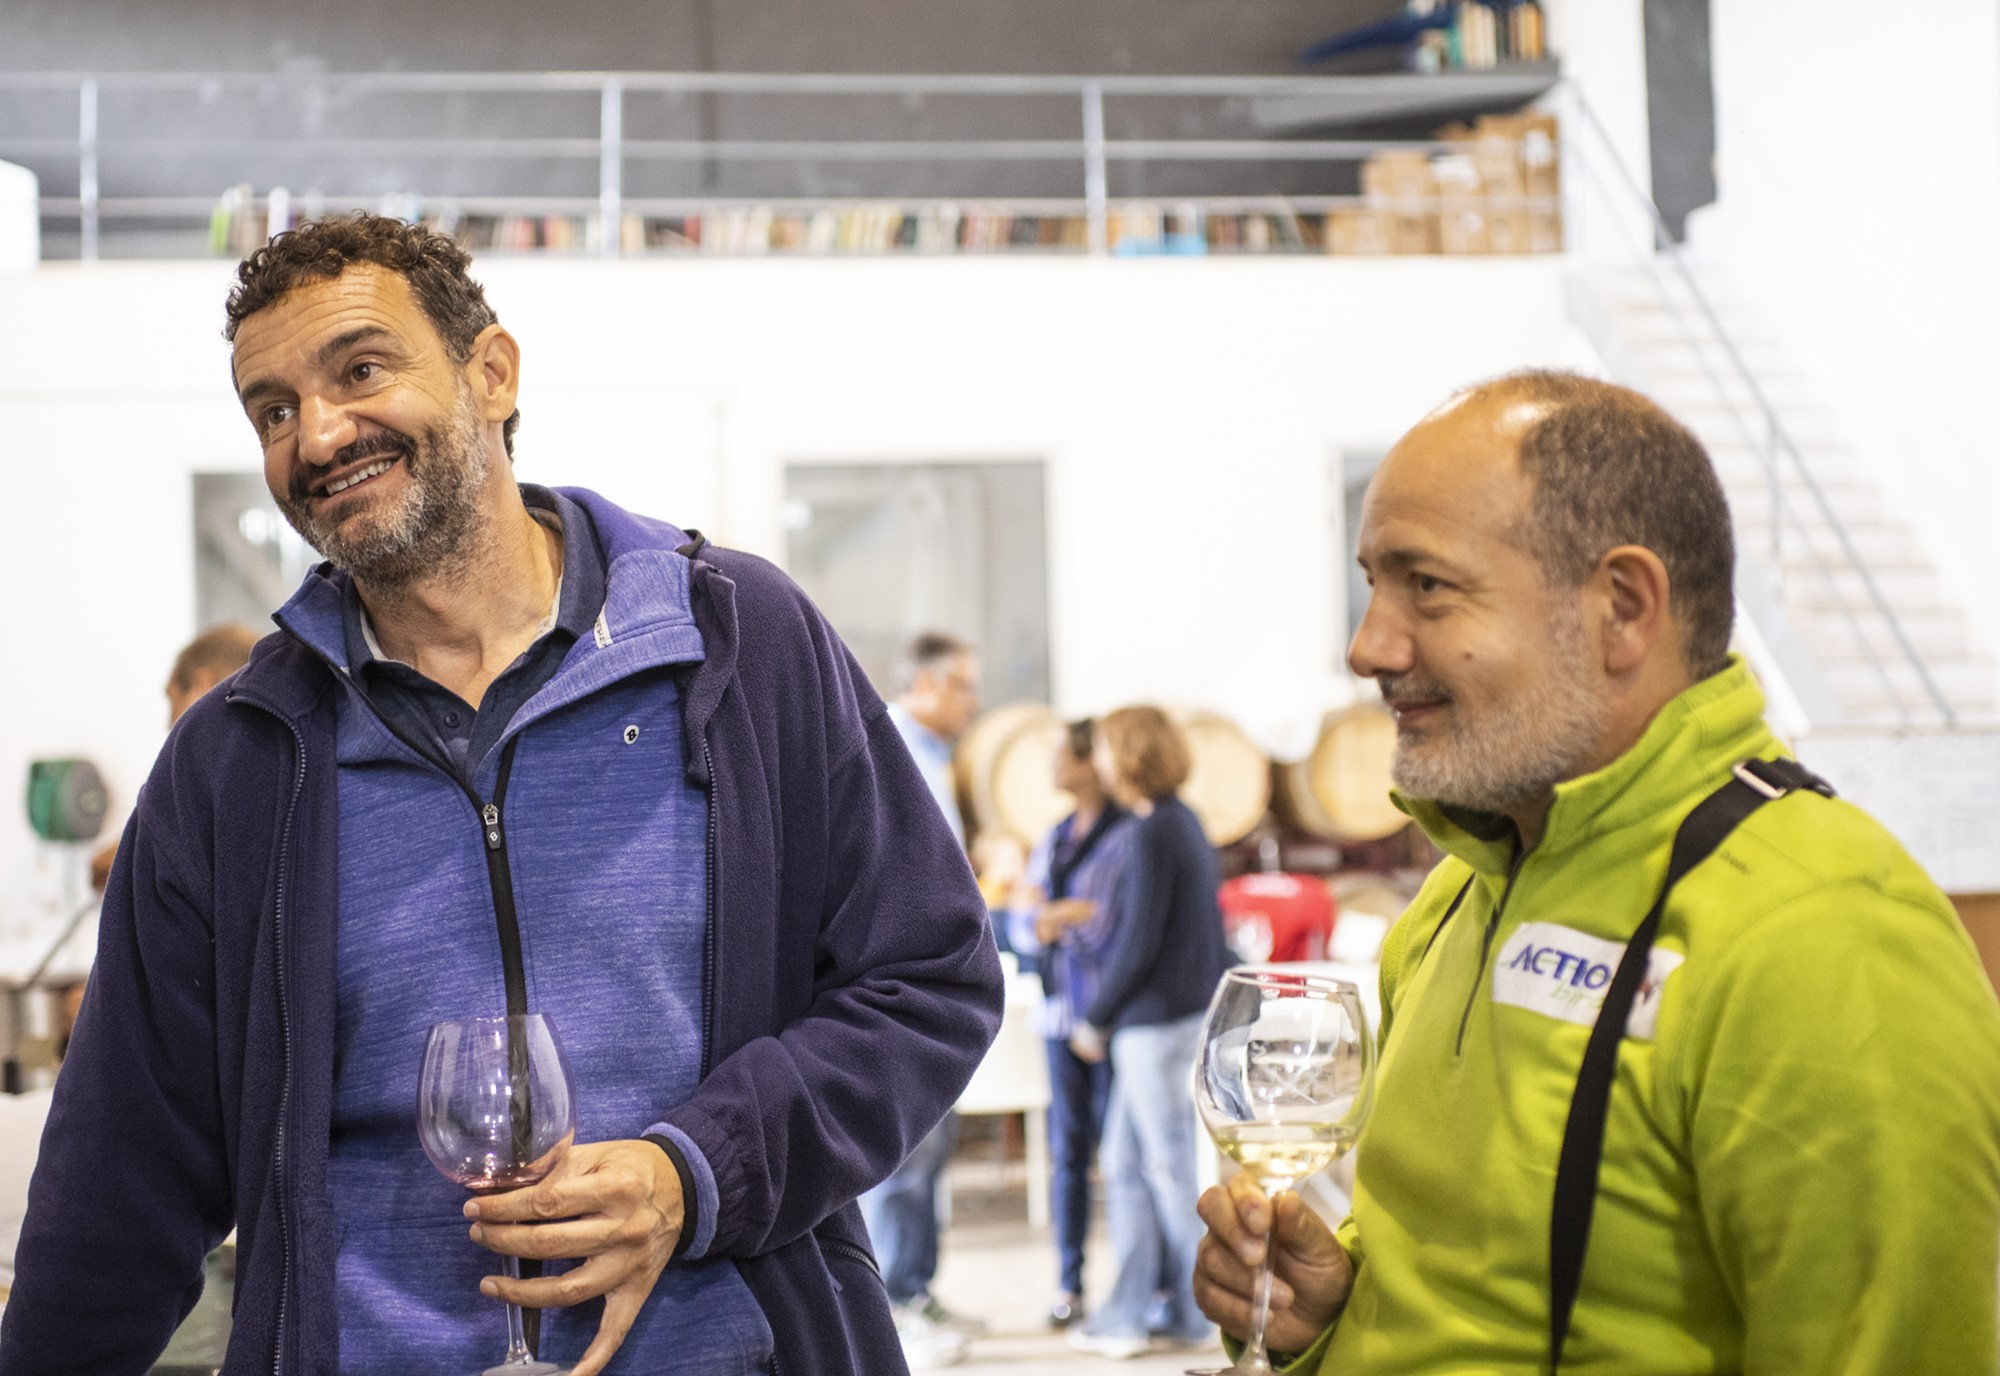 Diego Fernández Pons y Virgilio Beltrán, dos amantes de las aves y el vino.